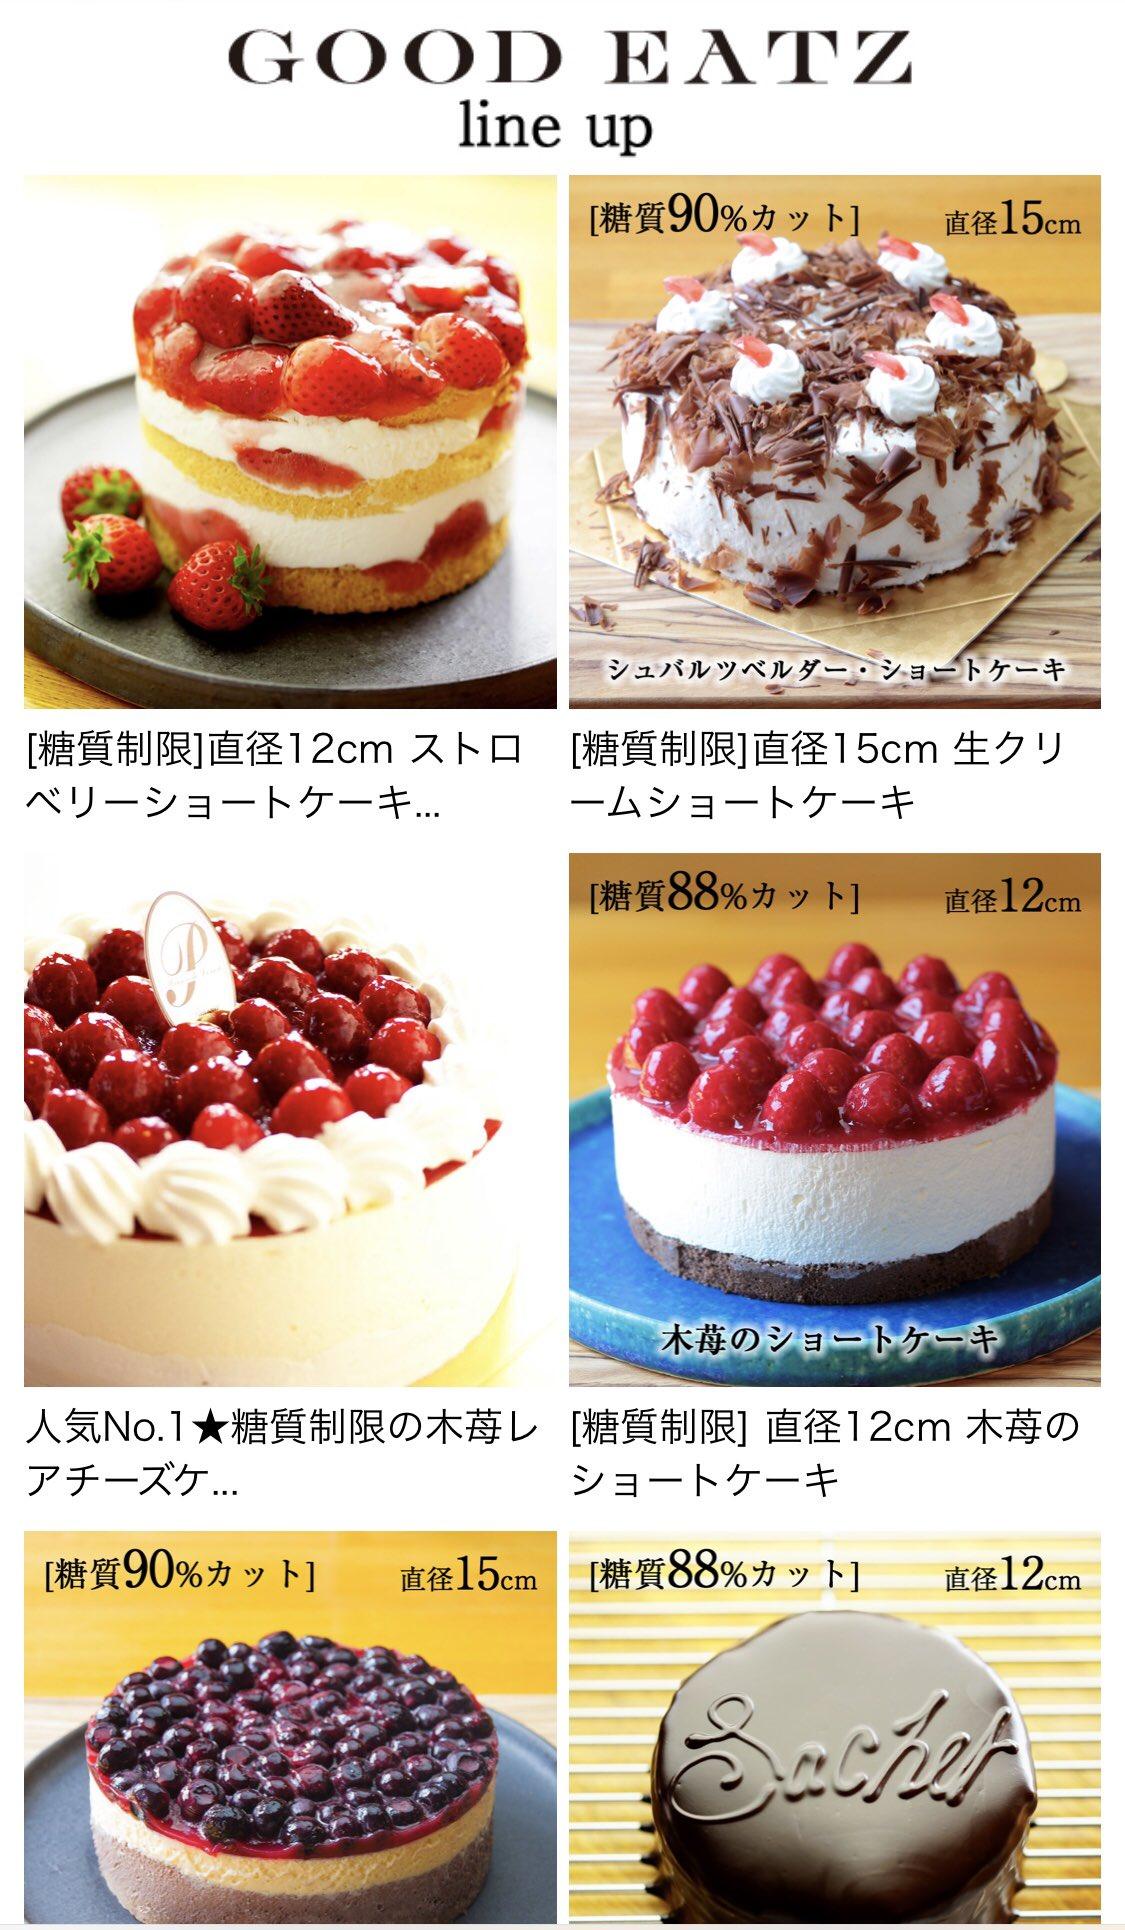 先日ダイエット中の友達の誕生日にGOODEATZのケーキ持って行ったらめっちゃ喜ばれた!チーズケーキにしたんだけどワンホールあたりの糖質が約15.6g!ワンホールよ!?一般的なレアチーズケーキはワンカットで17gは糖質あるのに!!6等分しても1カット3gくらいなの!味も美味しくて大満足だった!!